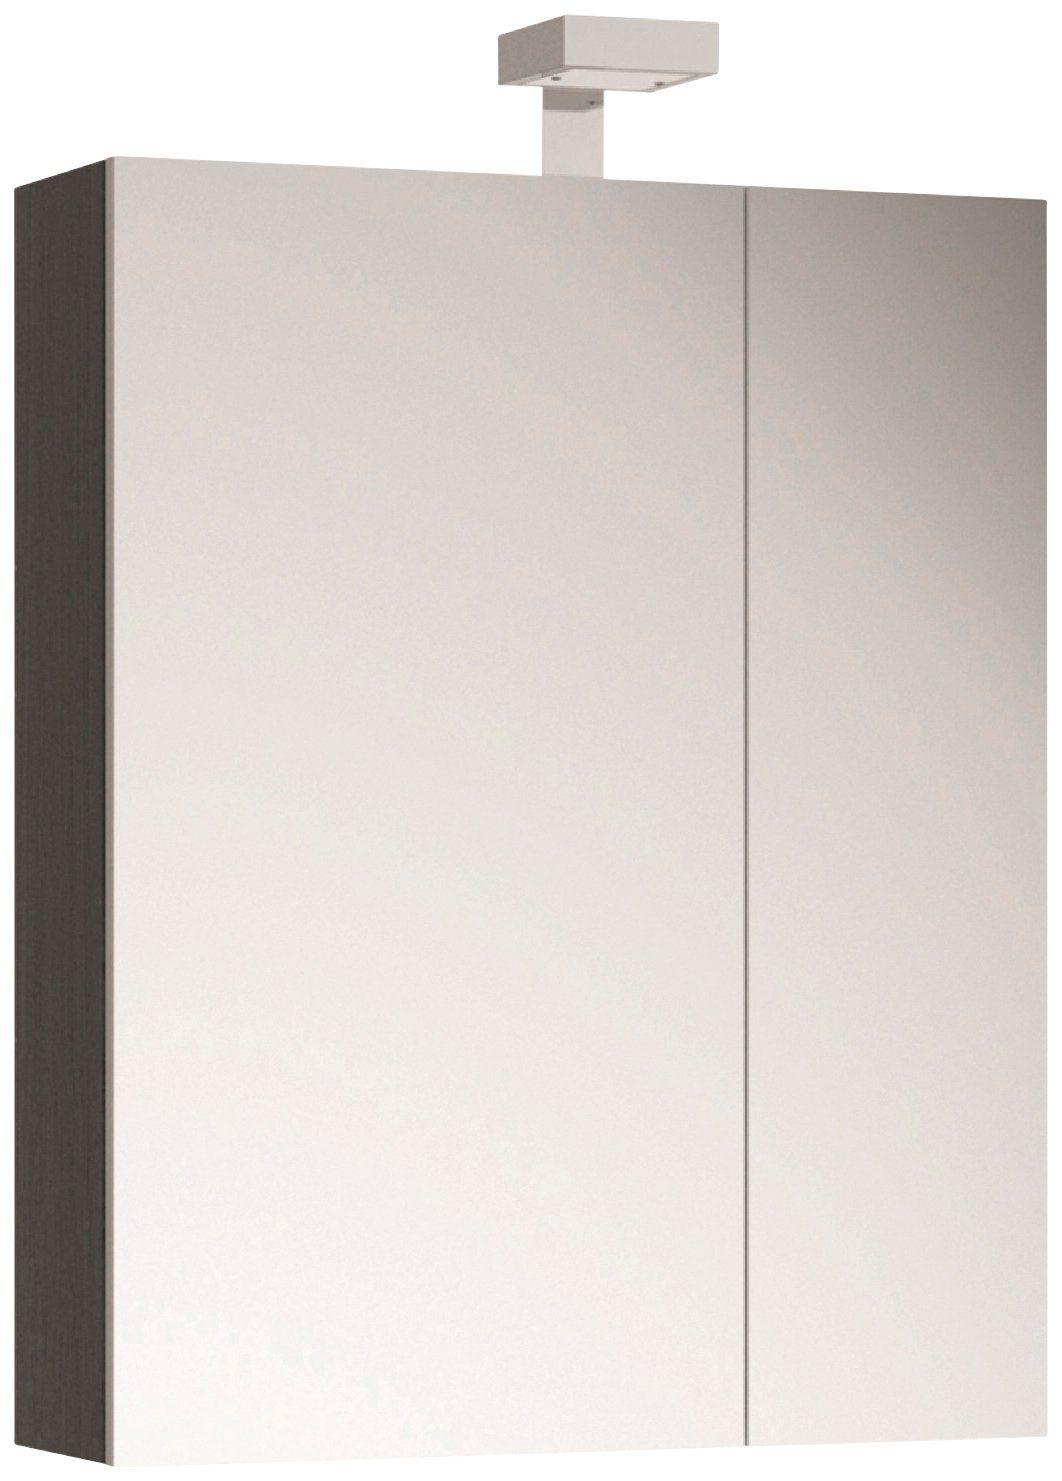 ALLIBERT Spiegelschrank »Eiche grau«, Breite 60 cm, mit LED-Beleuchtung